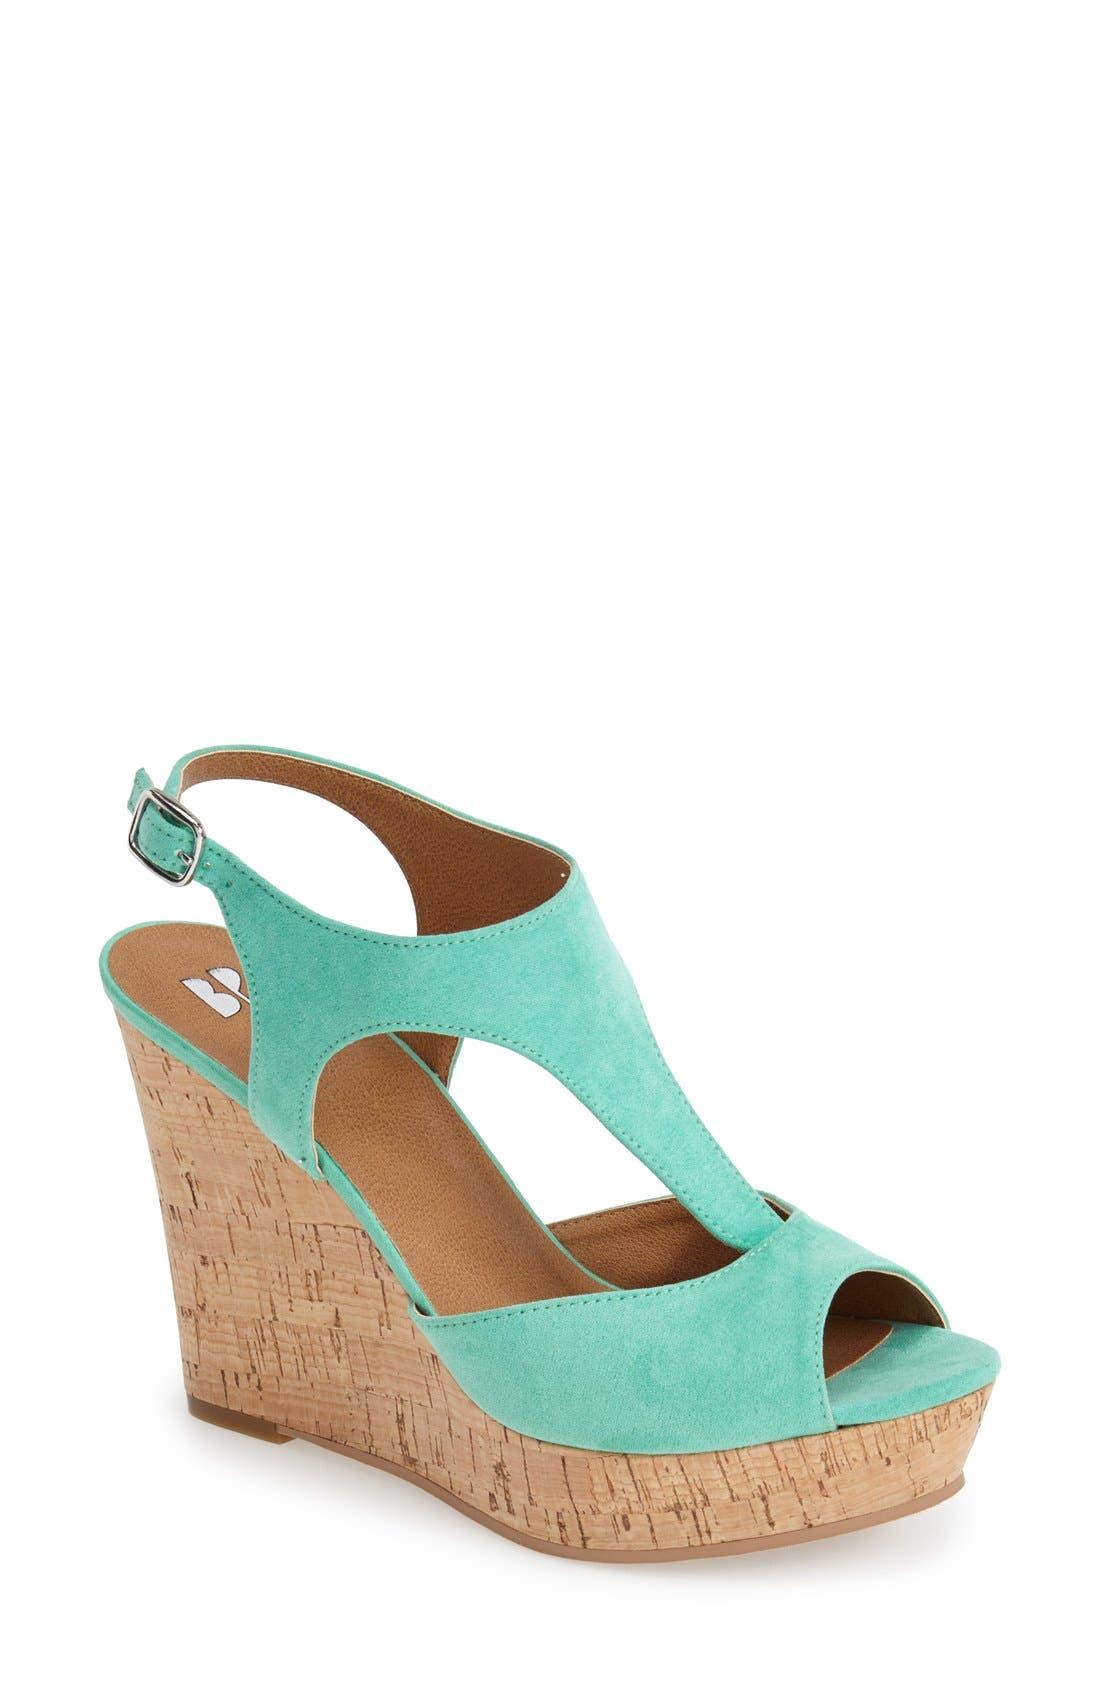 Main Image - BP. 'Springs' Peep Toe Wedge Sandal (Women)